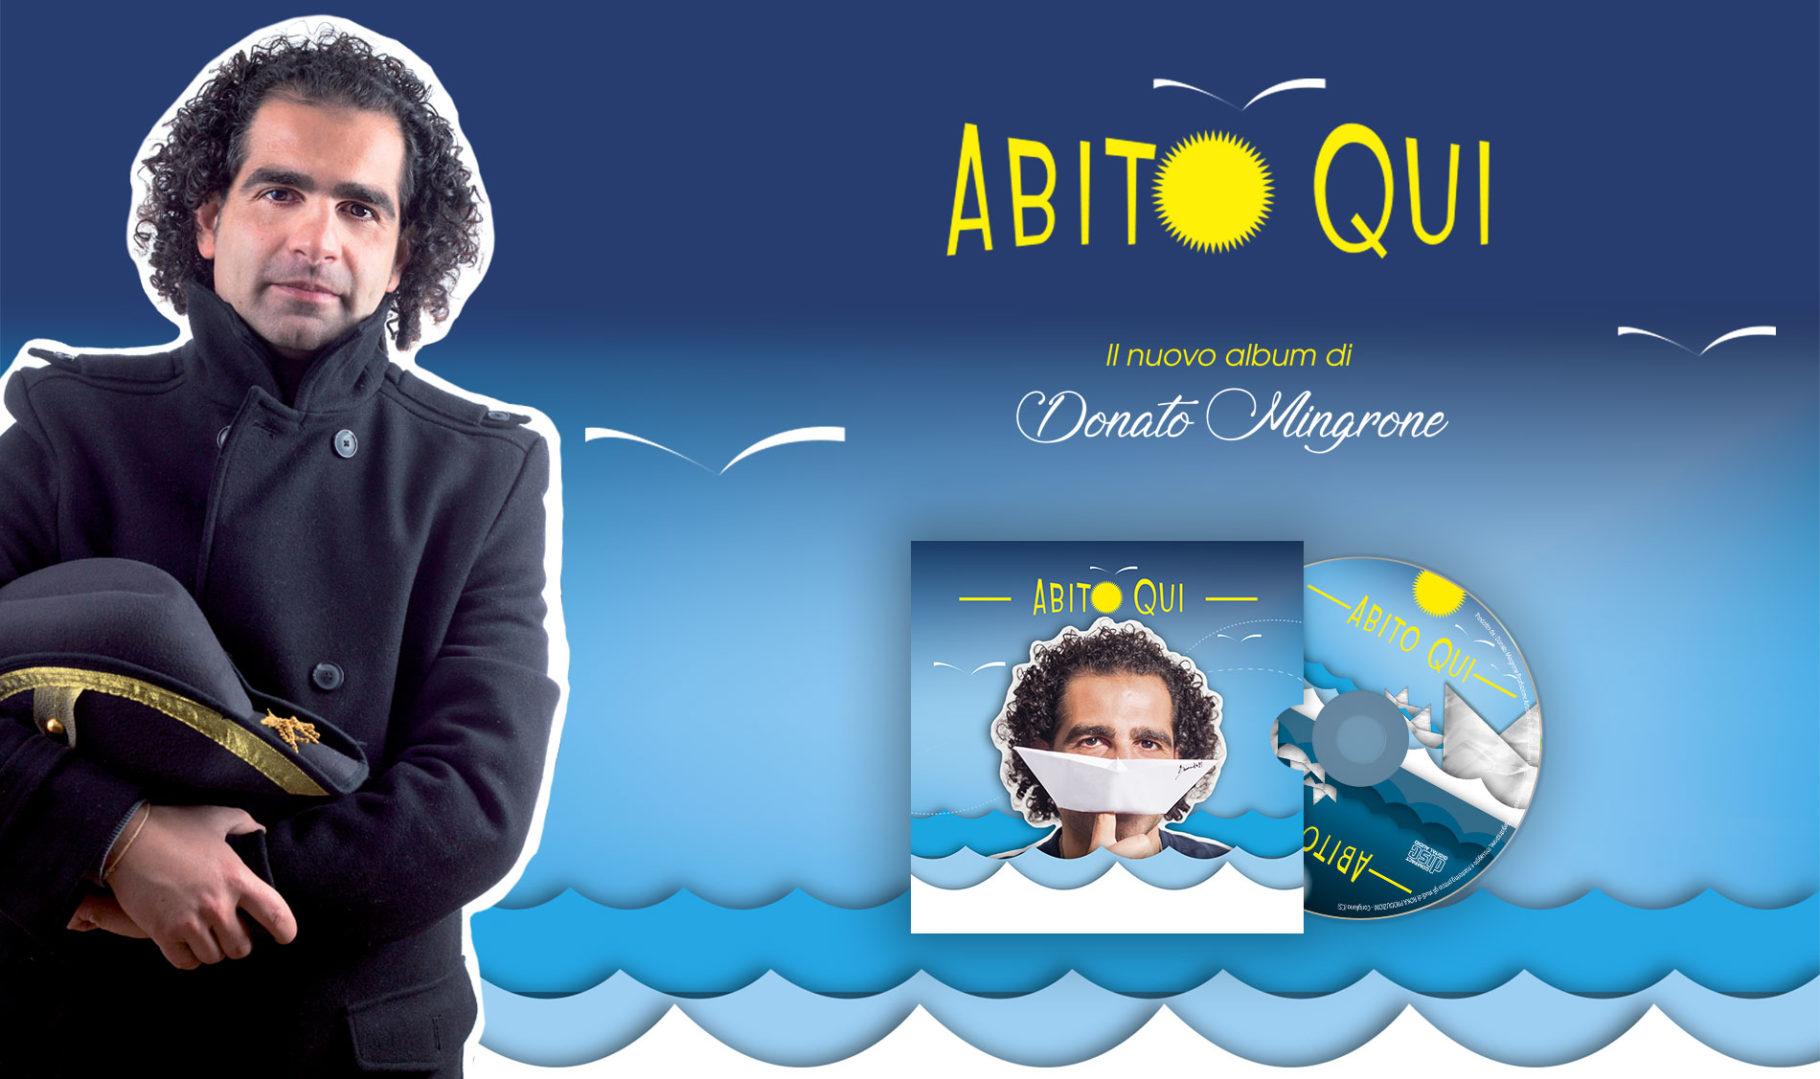 Donato Mingrone - Il cantautore calabrese amante della sua terra